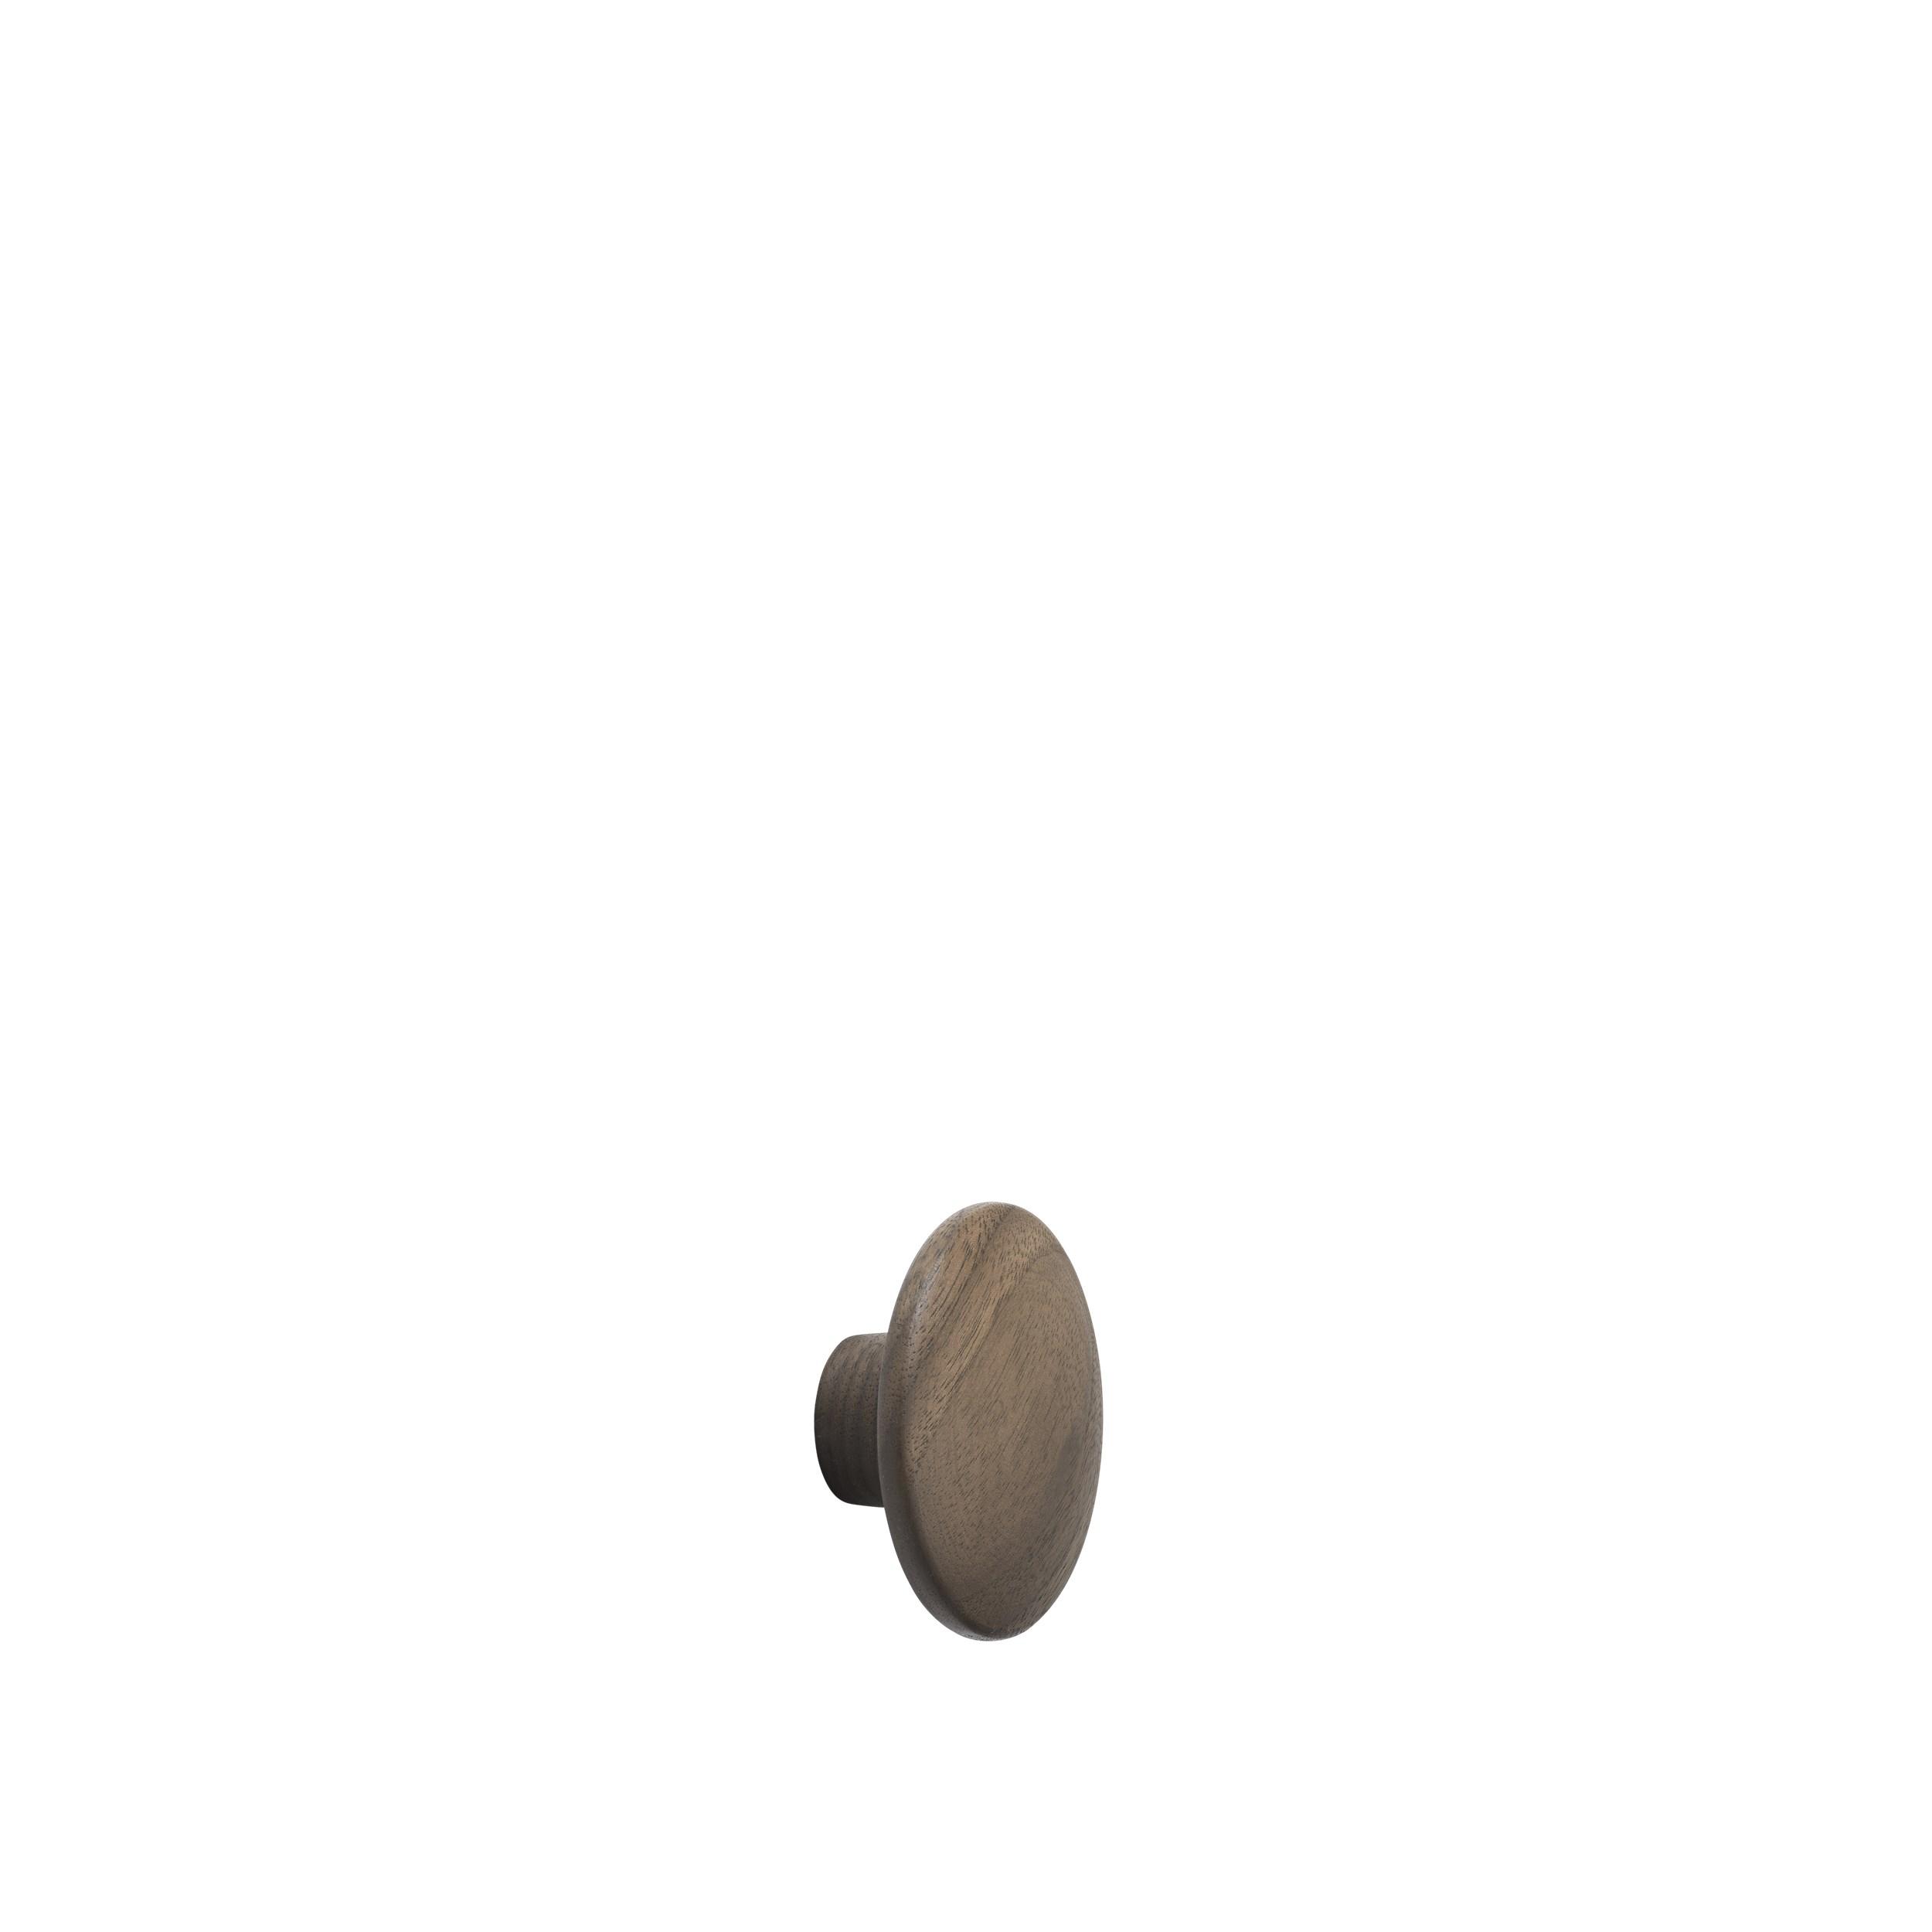 Dot wood X-small Ø 6,5 cm walnut